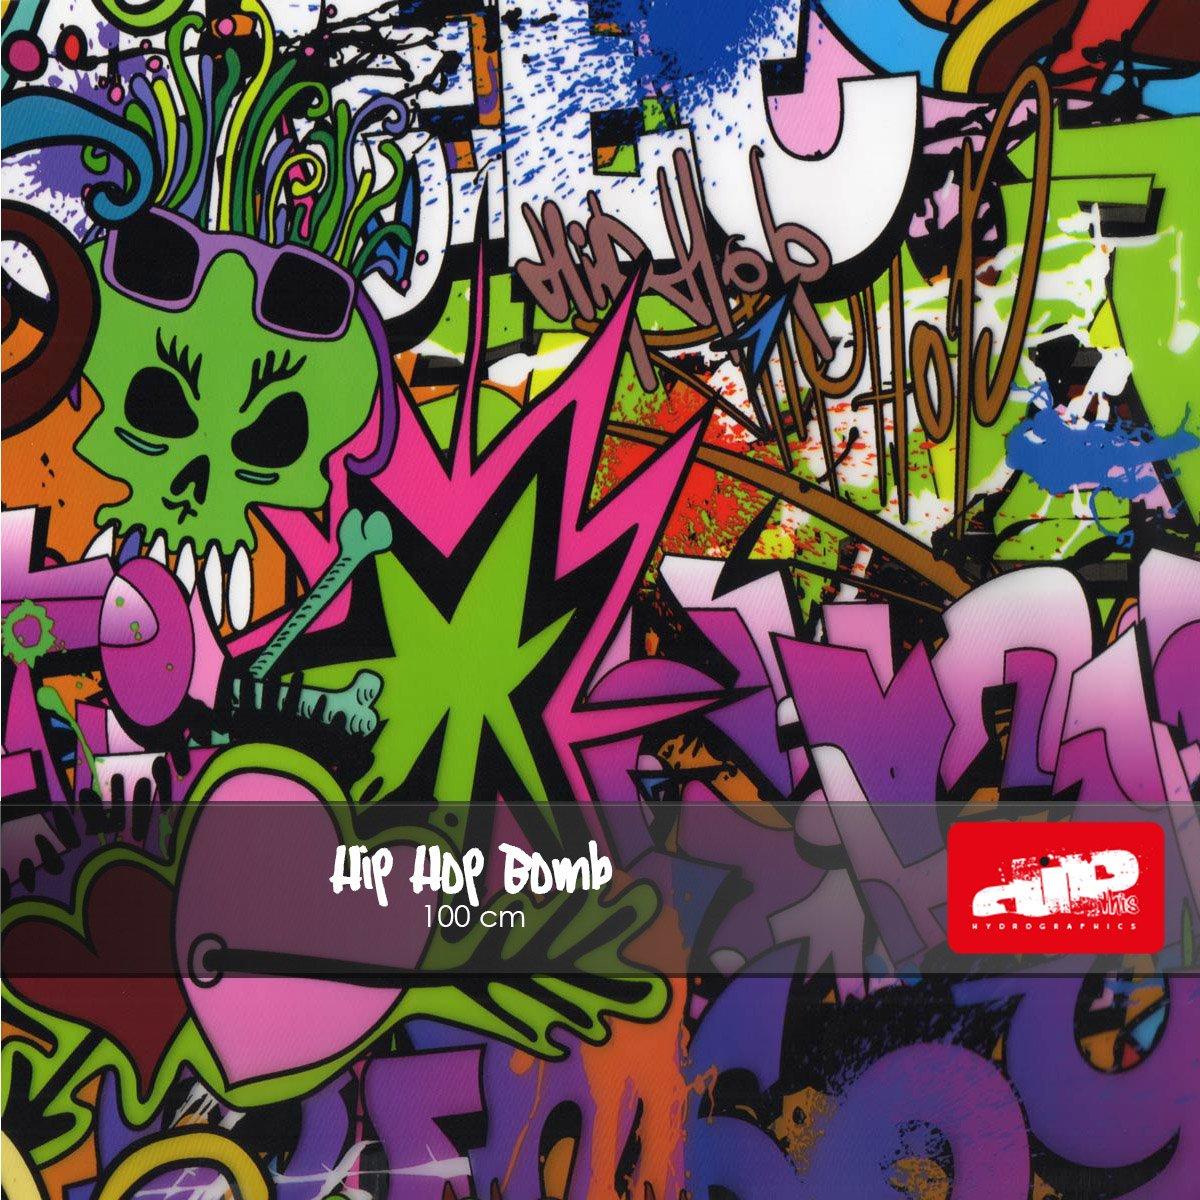 Hip Hop Bomb